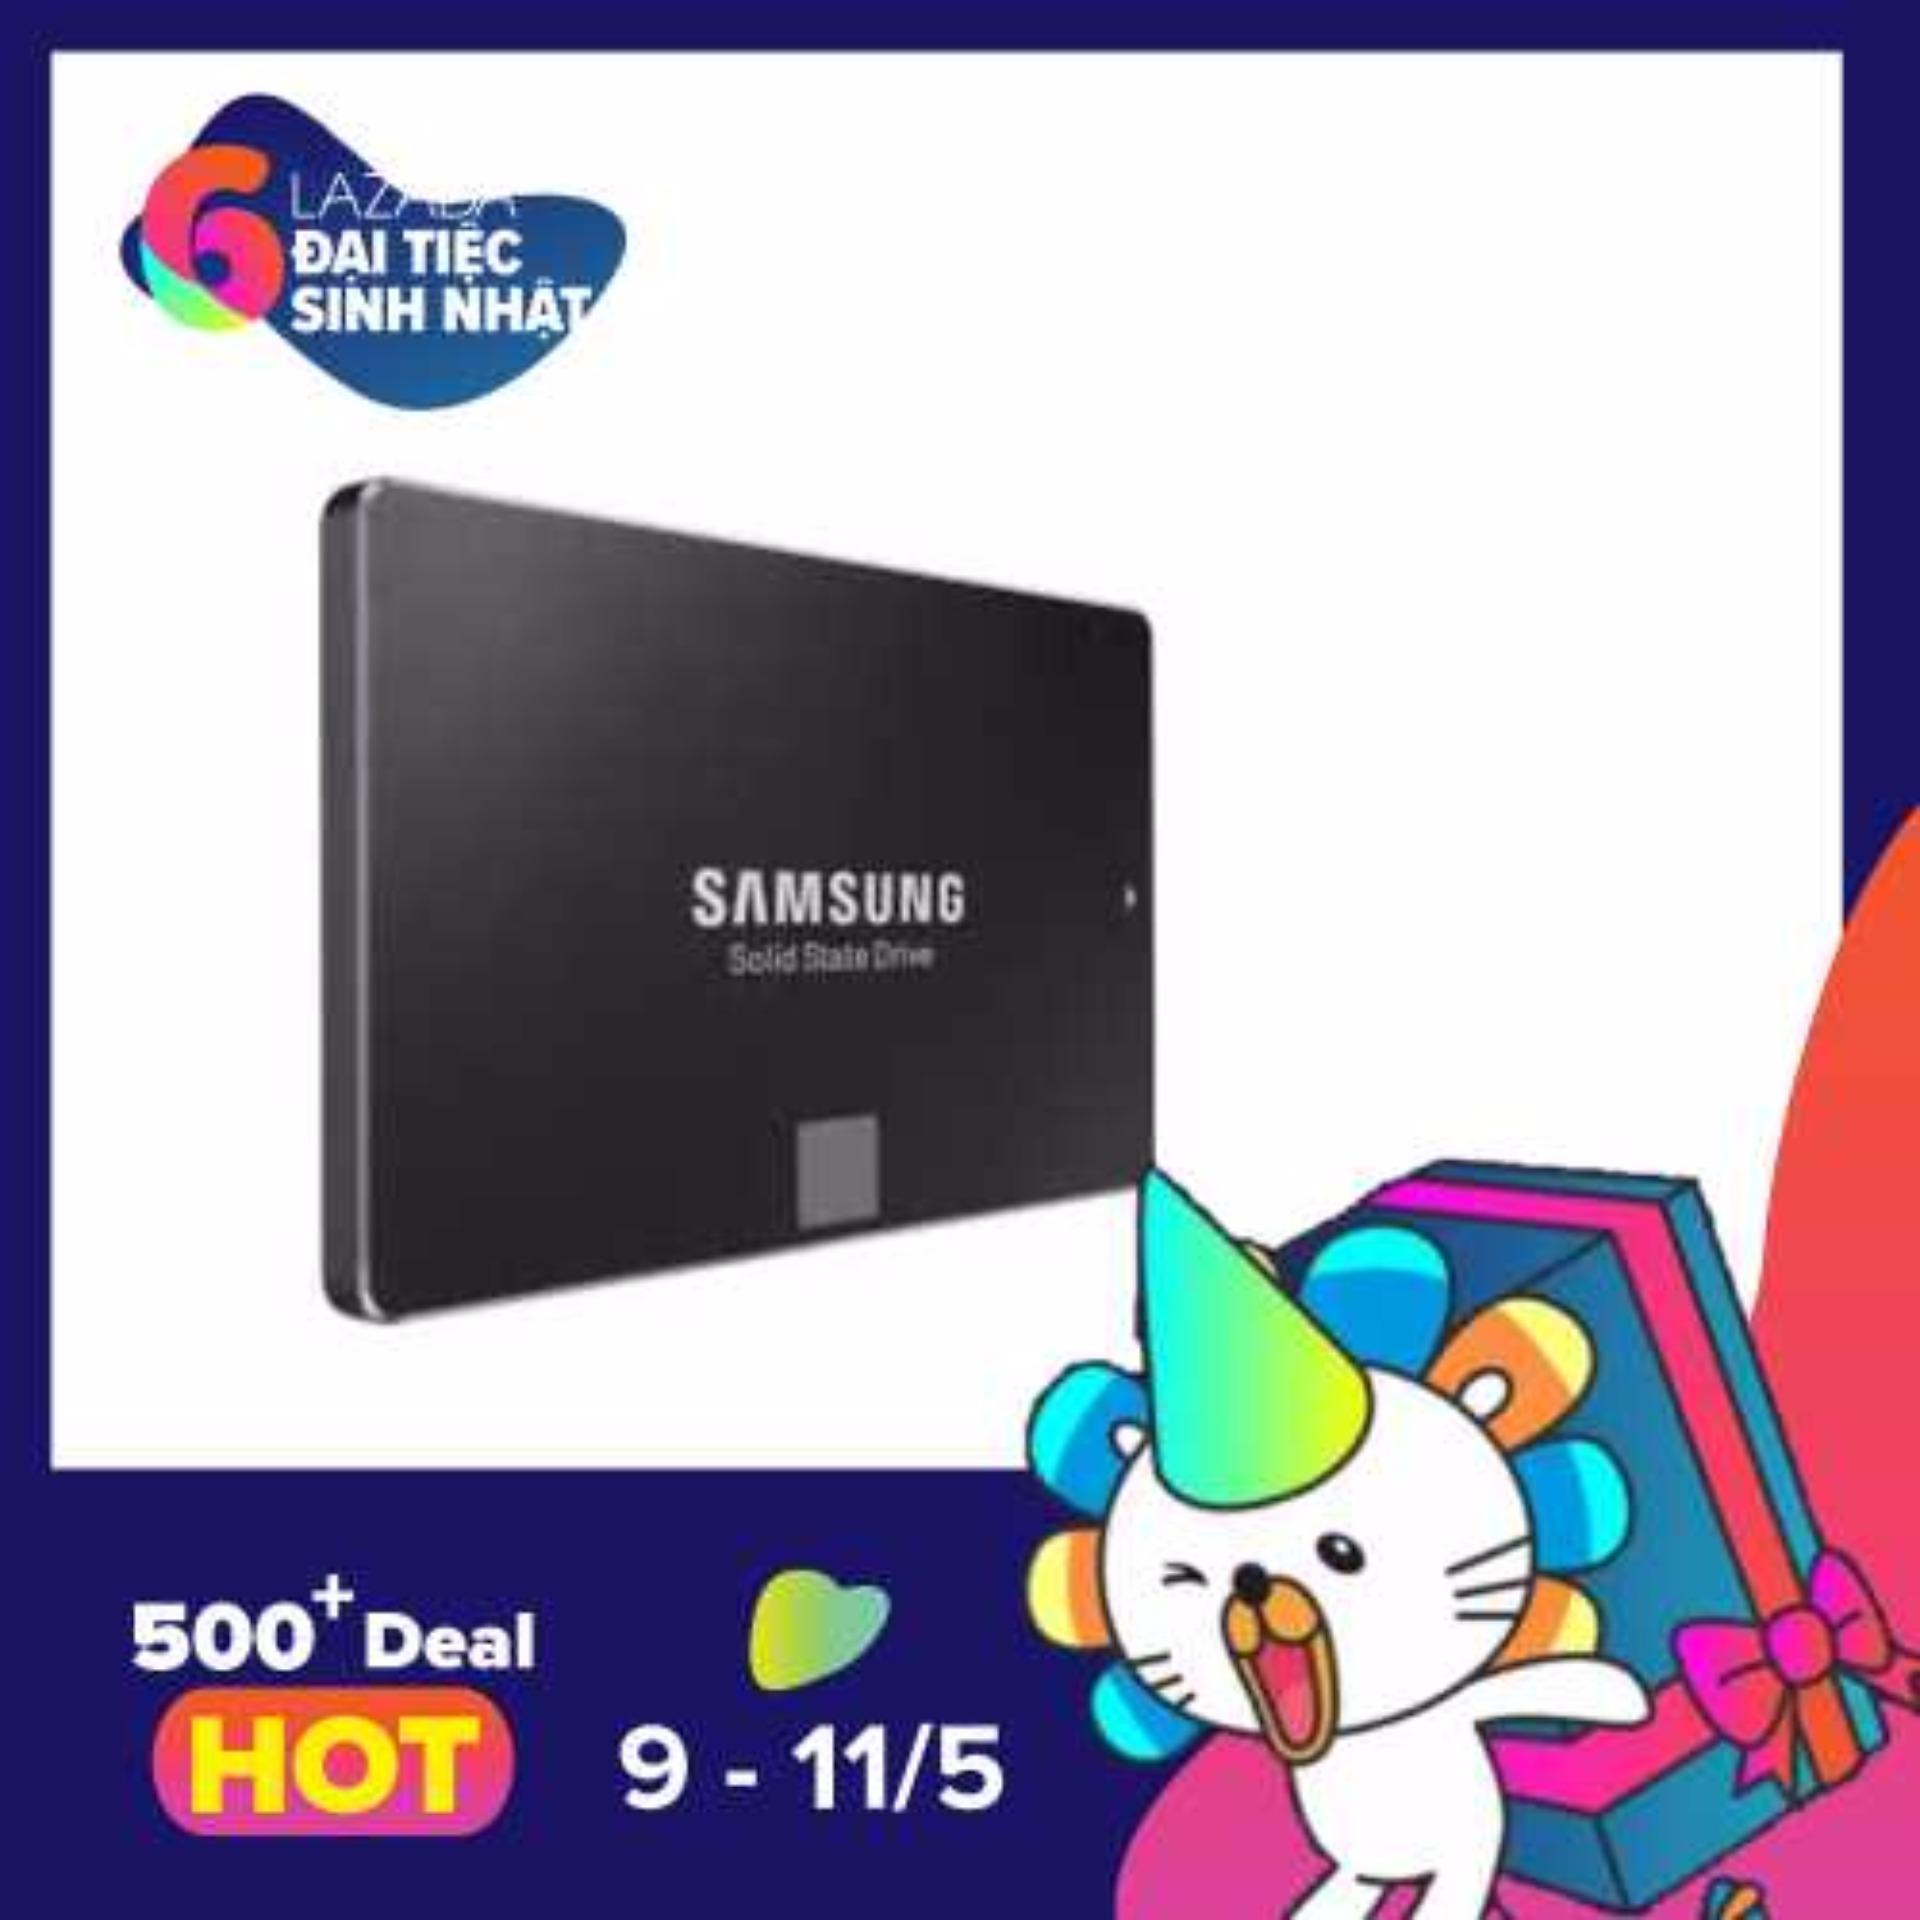 Giá Bán Ổ Cứng Gắn Trong Ssd Samsung 850 Evo Sata Iii 120Gb Fullbox Chinh Hang Samsung Trực Tuyến